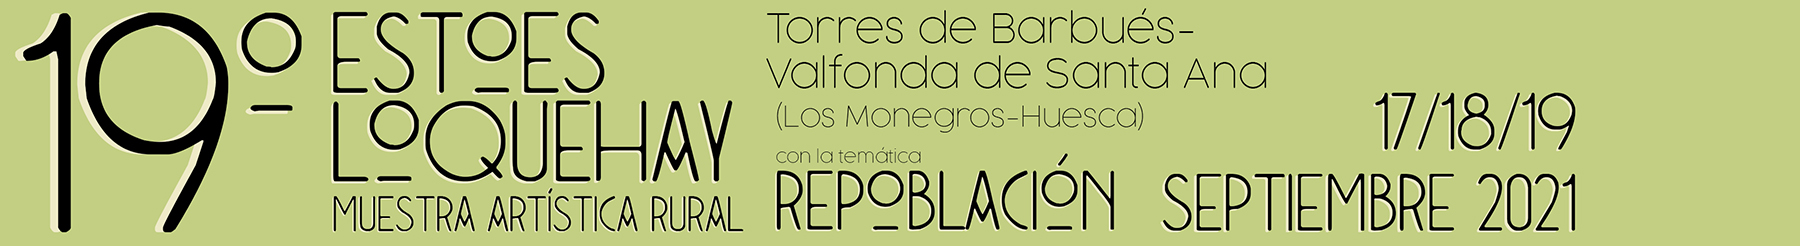 Muestra artística rural. 17, 18 y 19 de septiembre en Torres de Barbués y Valfonda de Santa Ana.